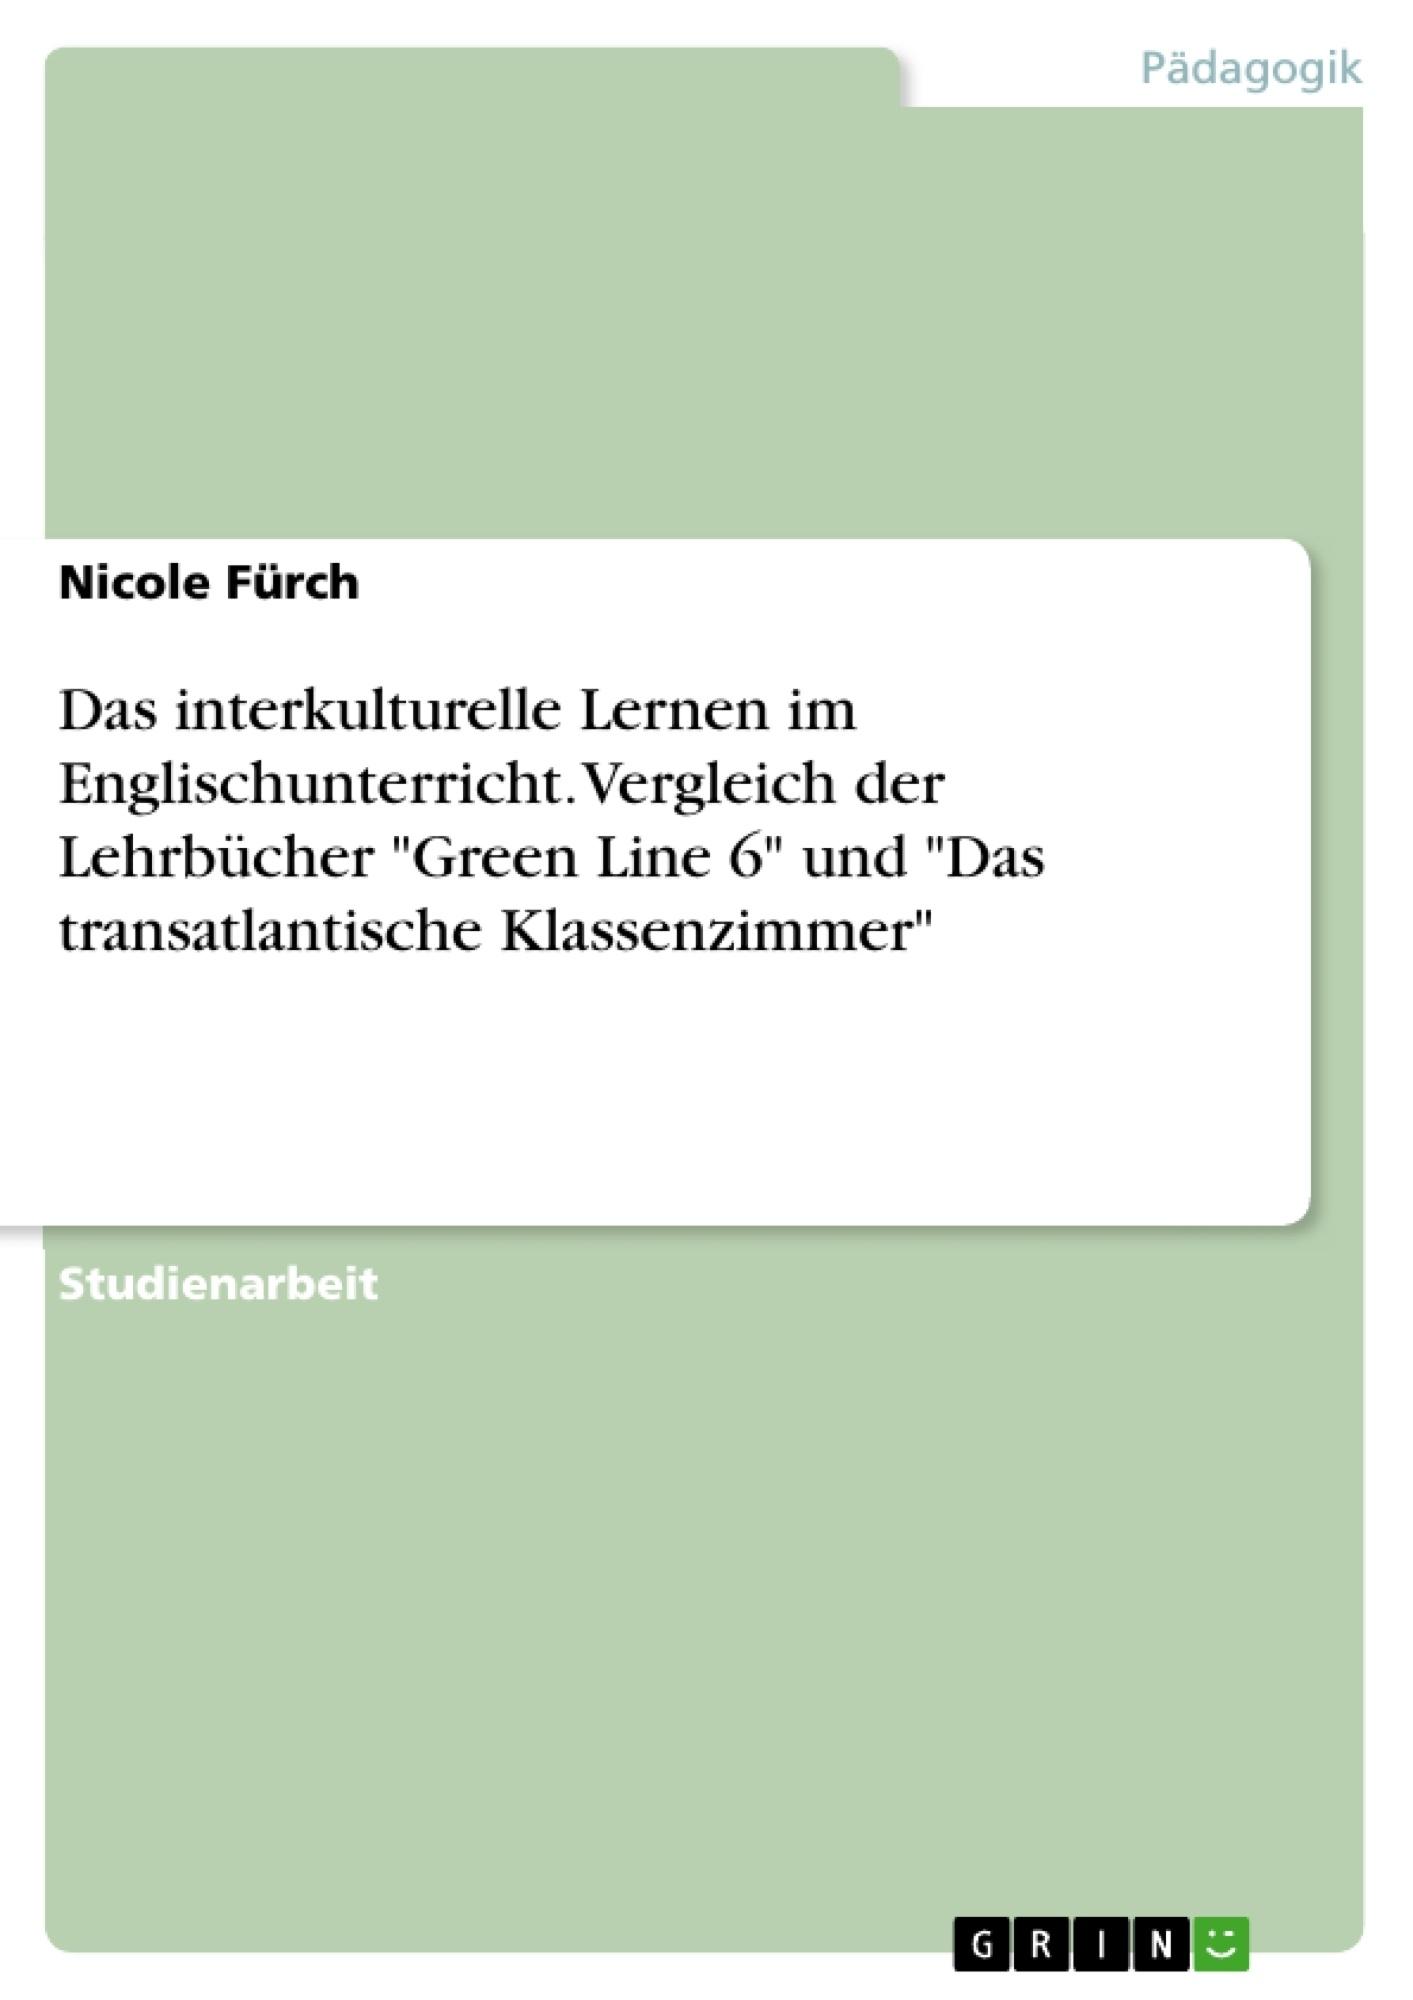 """Titel: Das interkulturelle Lernen im Englischunterricht. Vergleich der Lehrbücher """"Green Line 6"""" und """"Das transatlantische Klassenzimmer"""""""